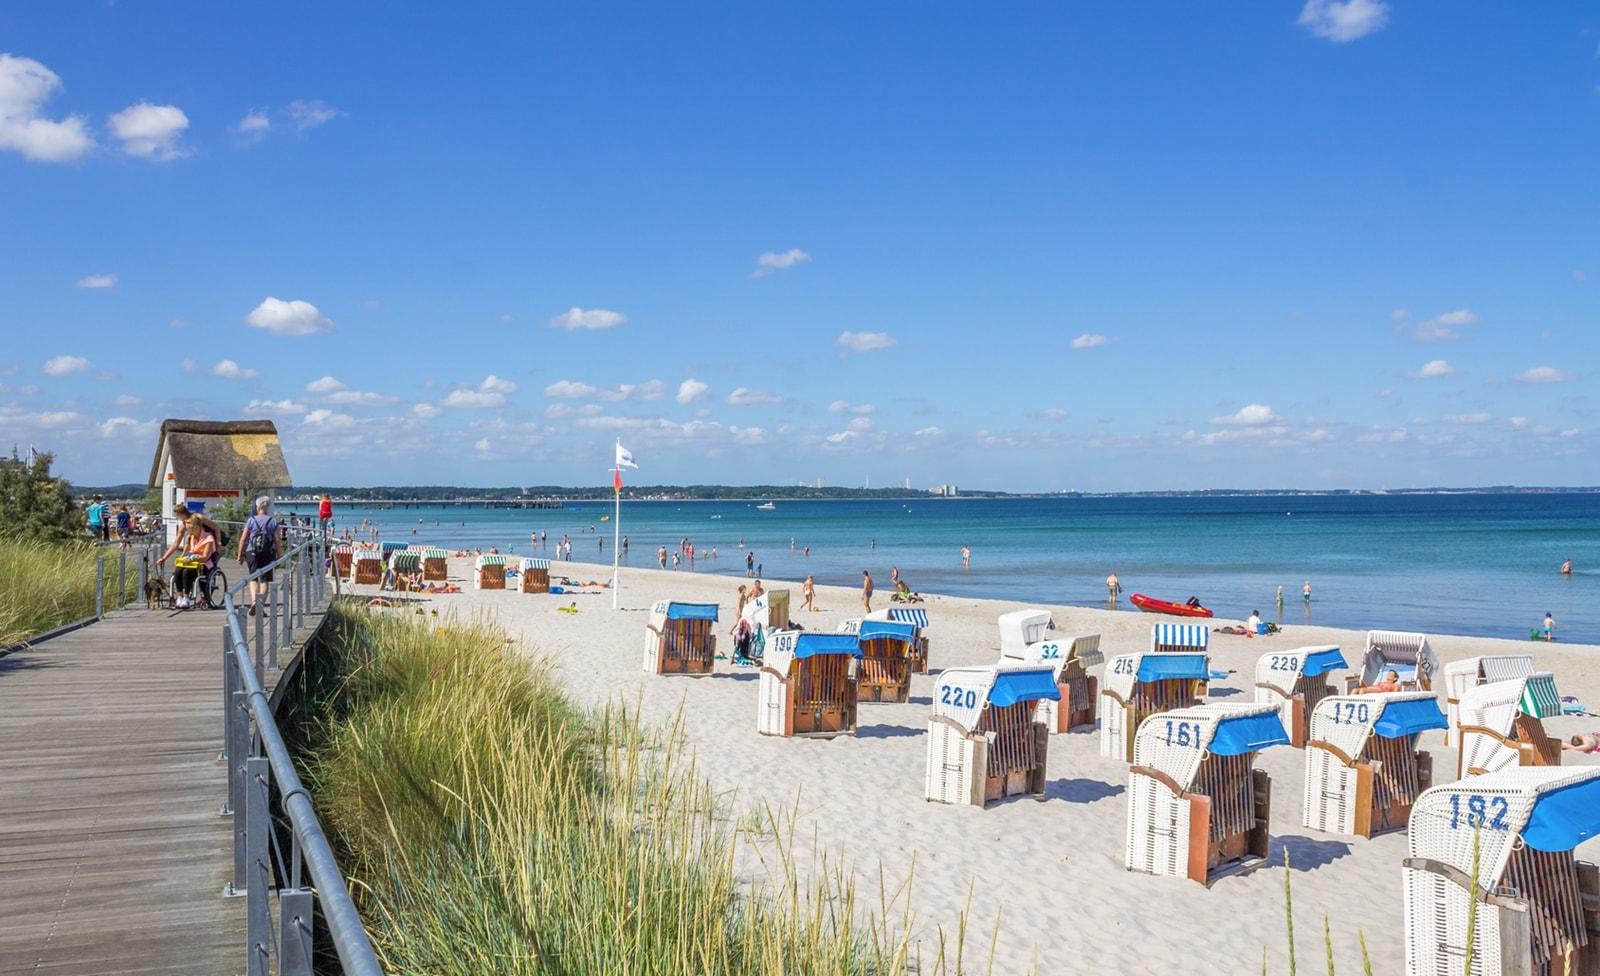 Strand in der Lübecker Bucht